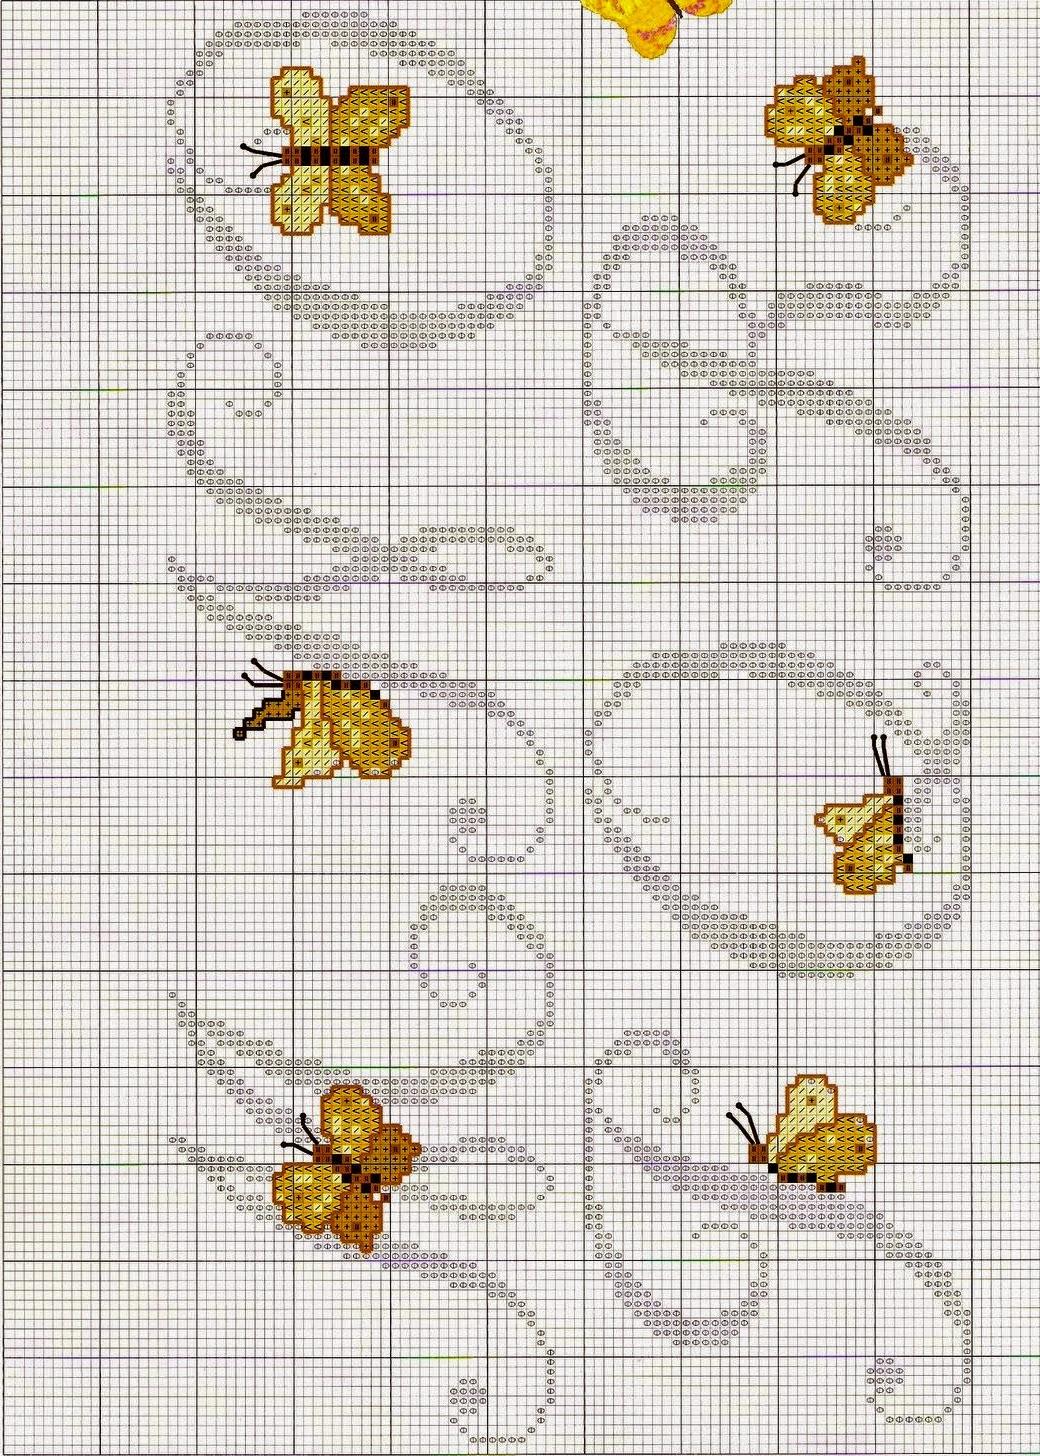 Ricami e schemi a punto croce gratuiti lettere alfabeto for Farfalle punto croce schemi